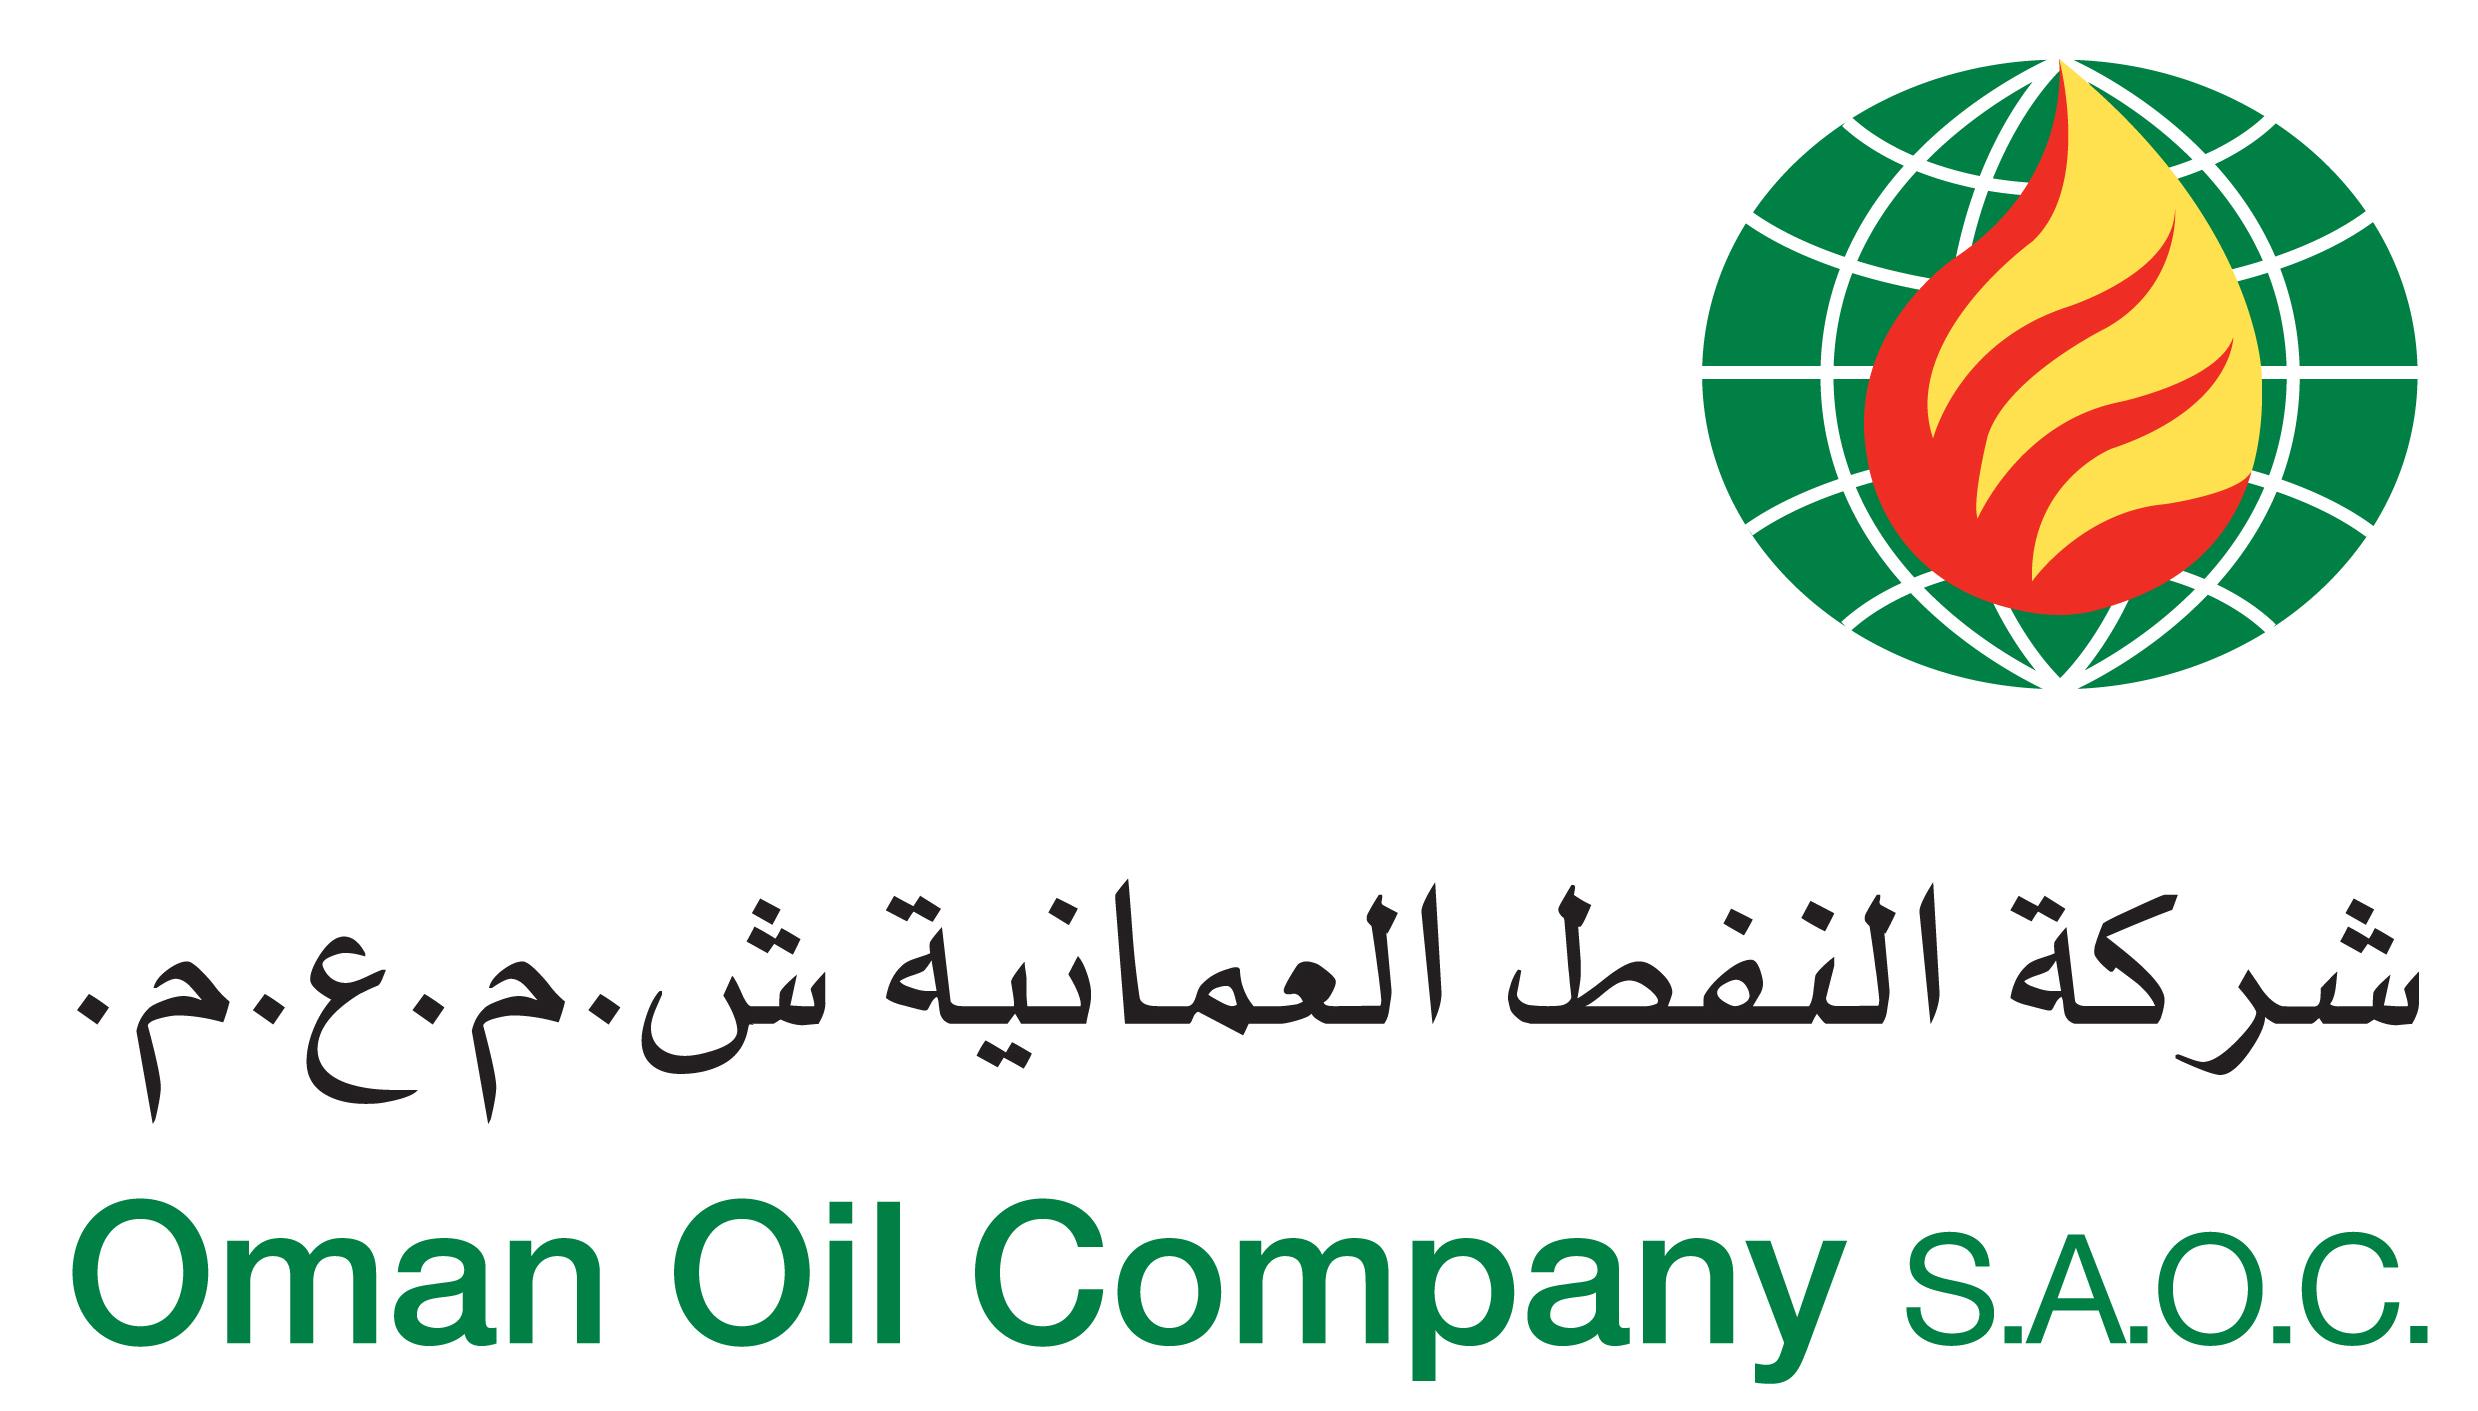 Oman Oil Company - Wikipedia